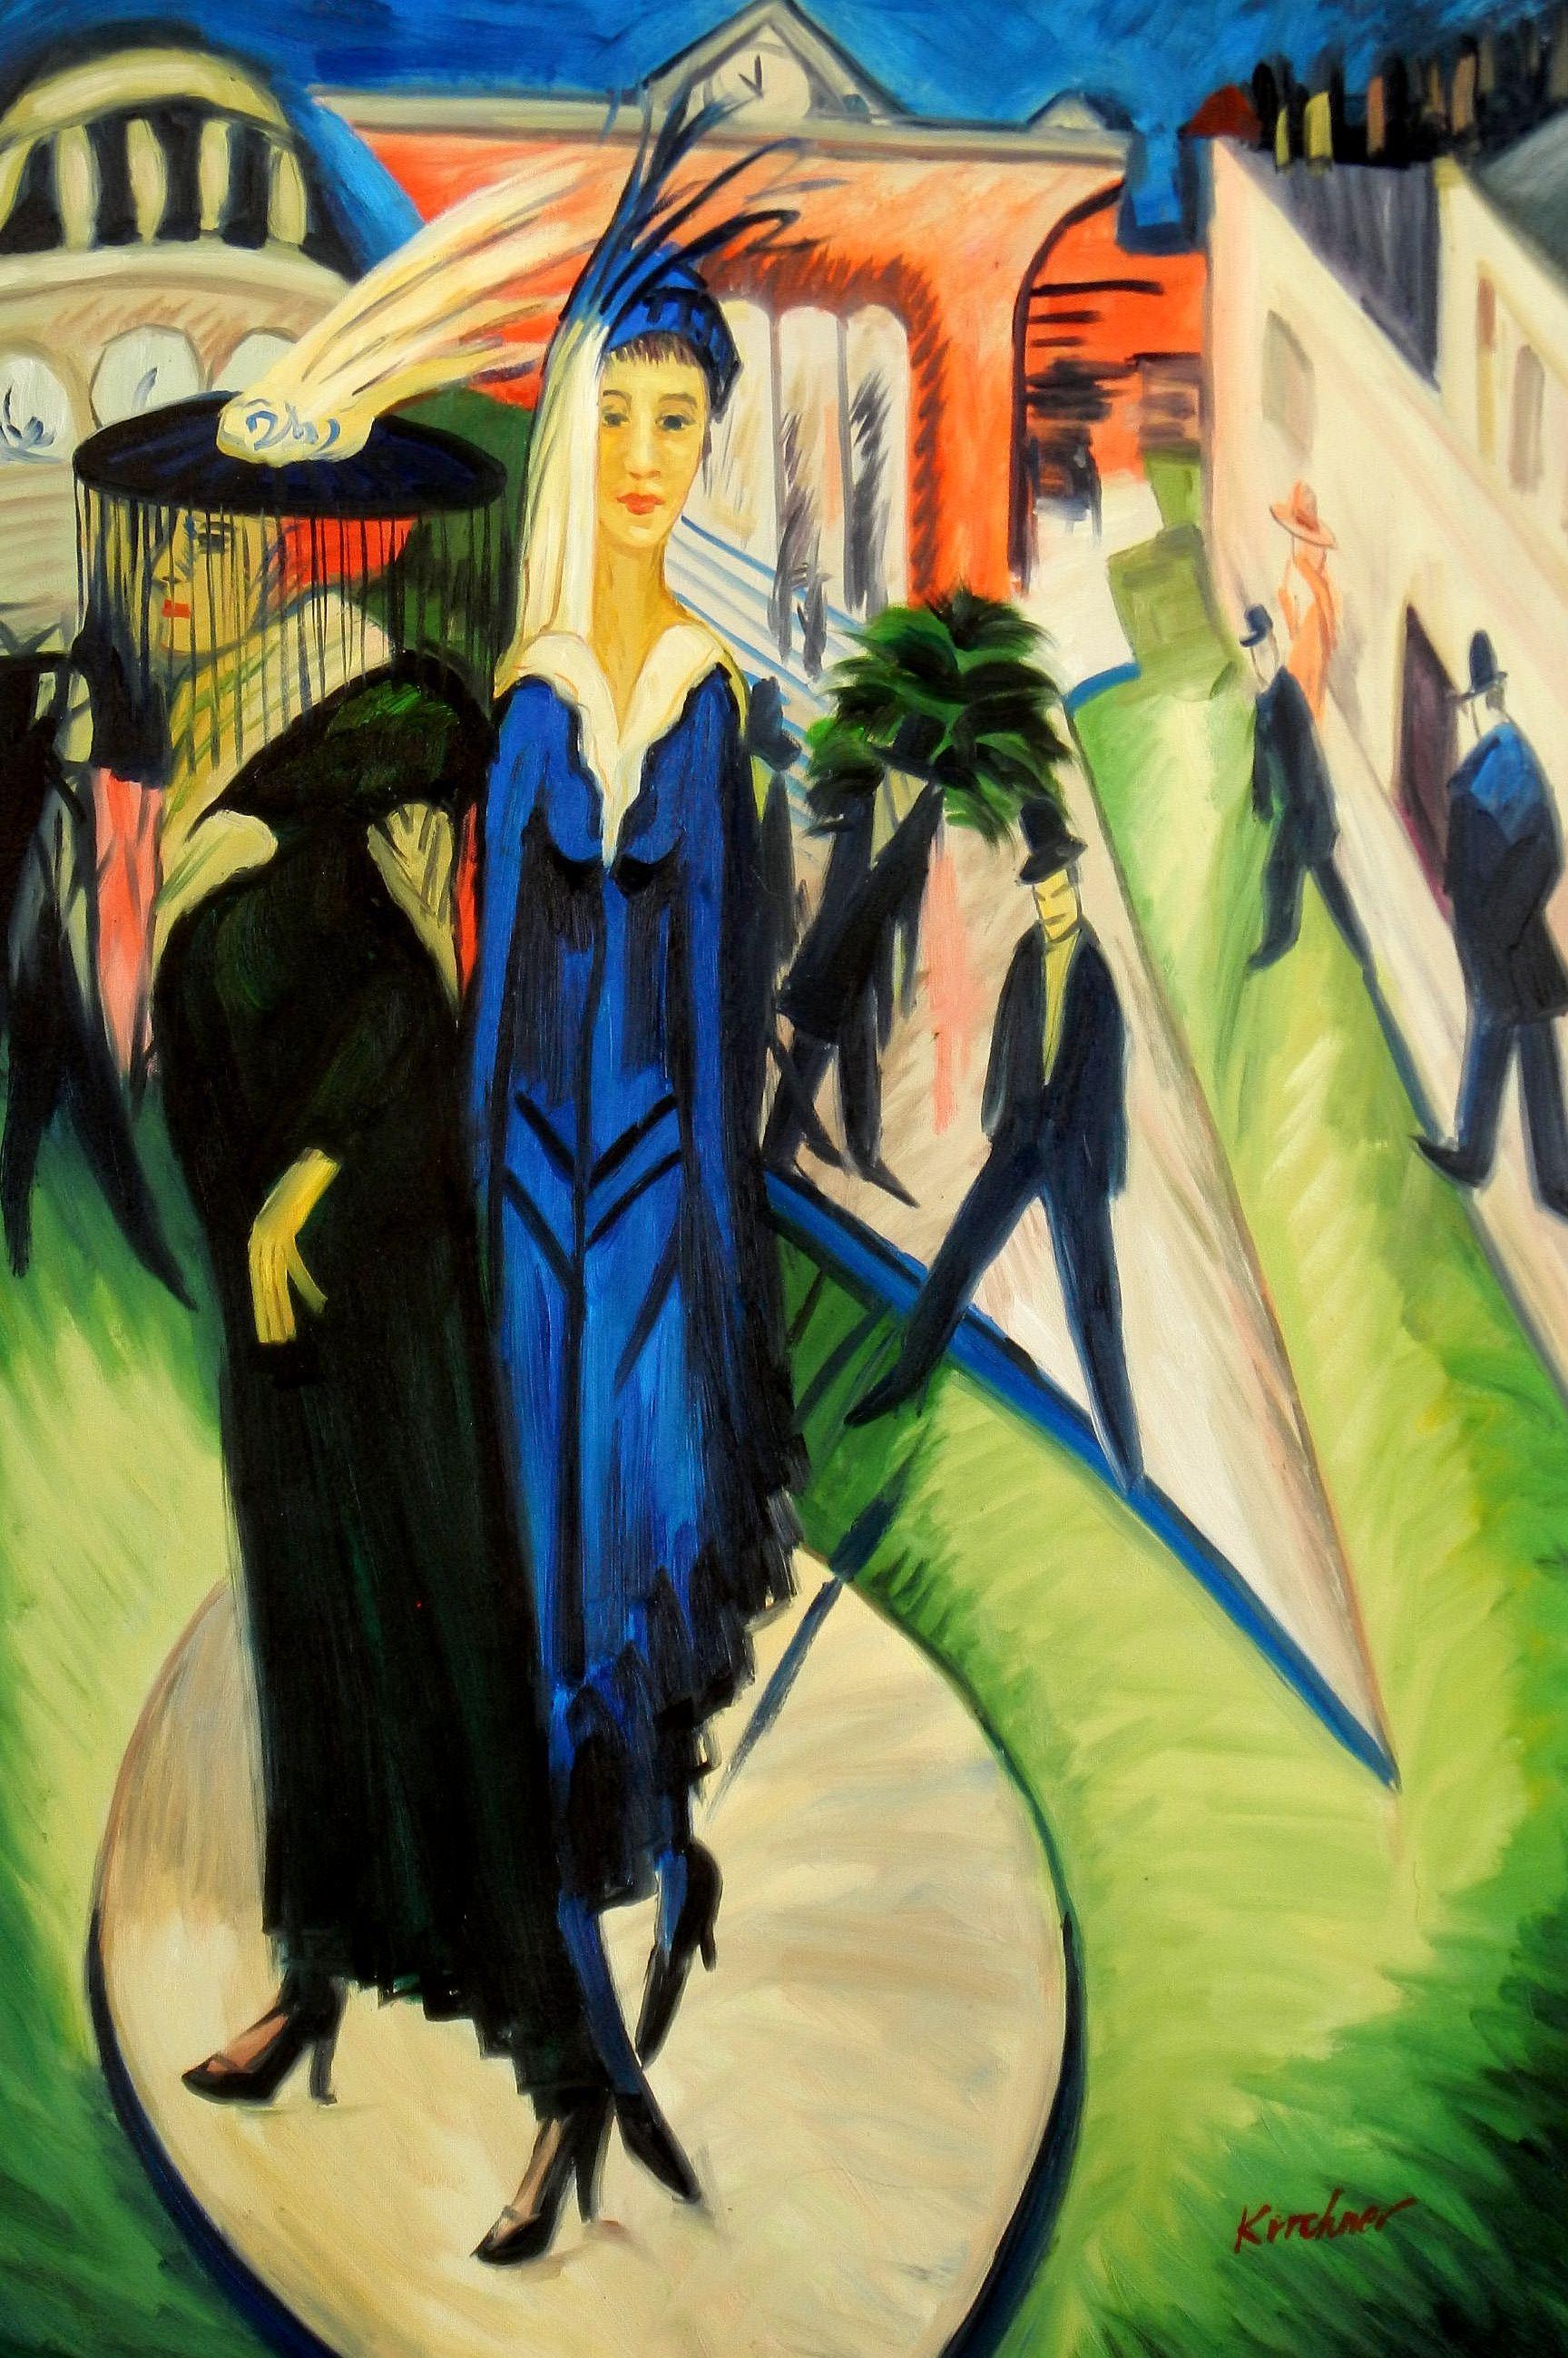 Ernst Ludwig Kirchner - Potsdamer Platz d93712 60x90cm ...